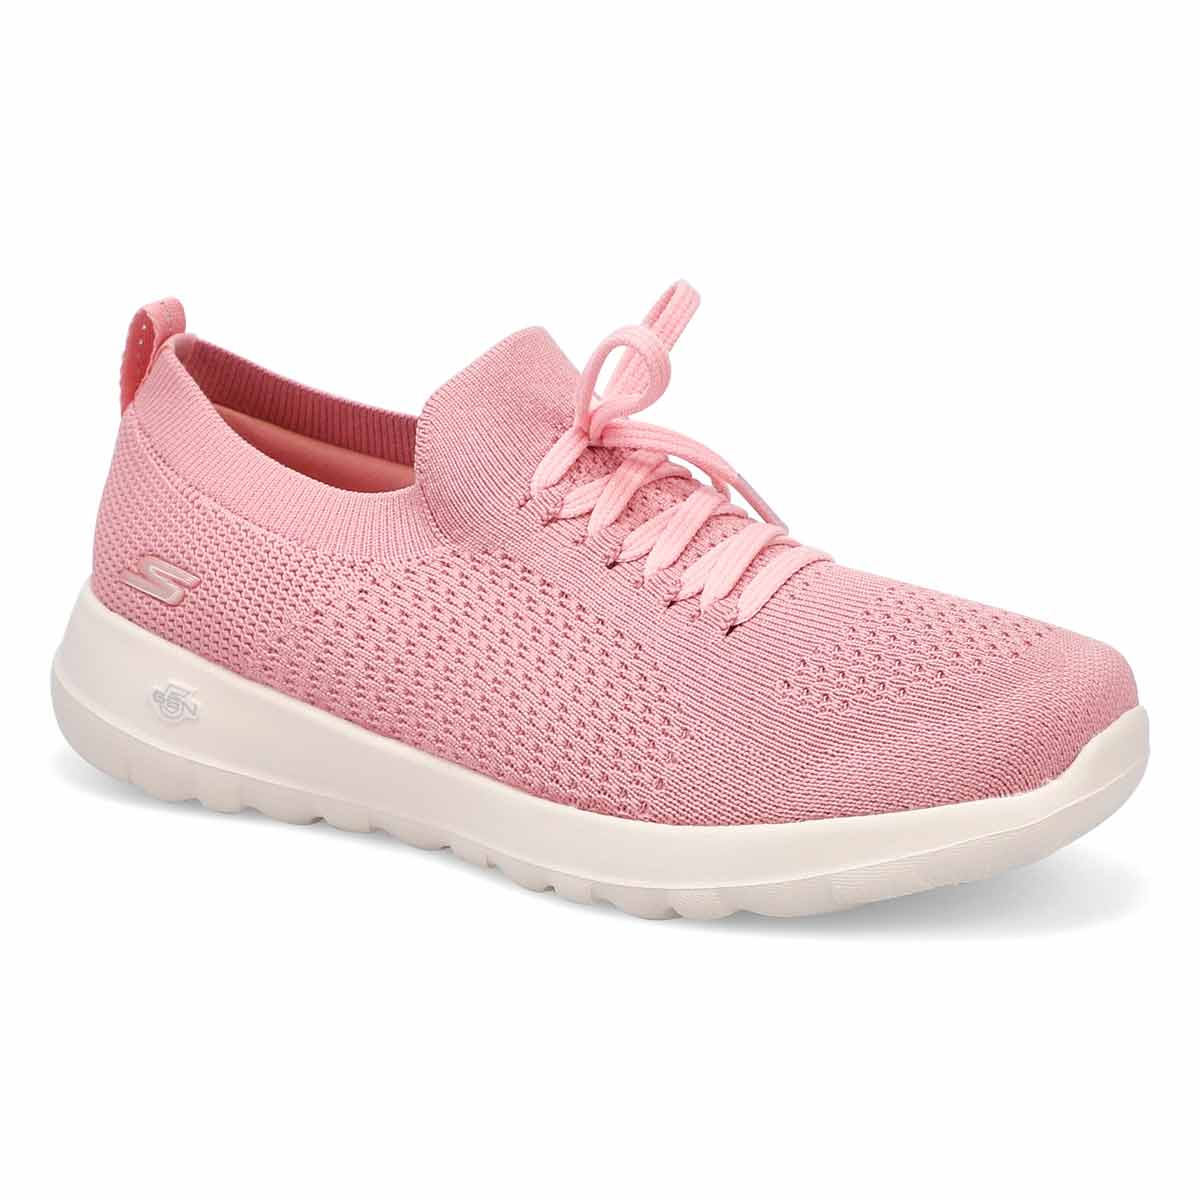 Women's Go Walk Joy Sneaker - Rose